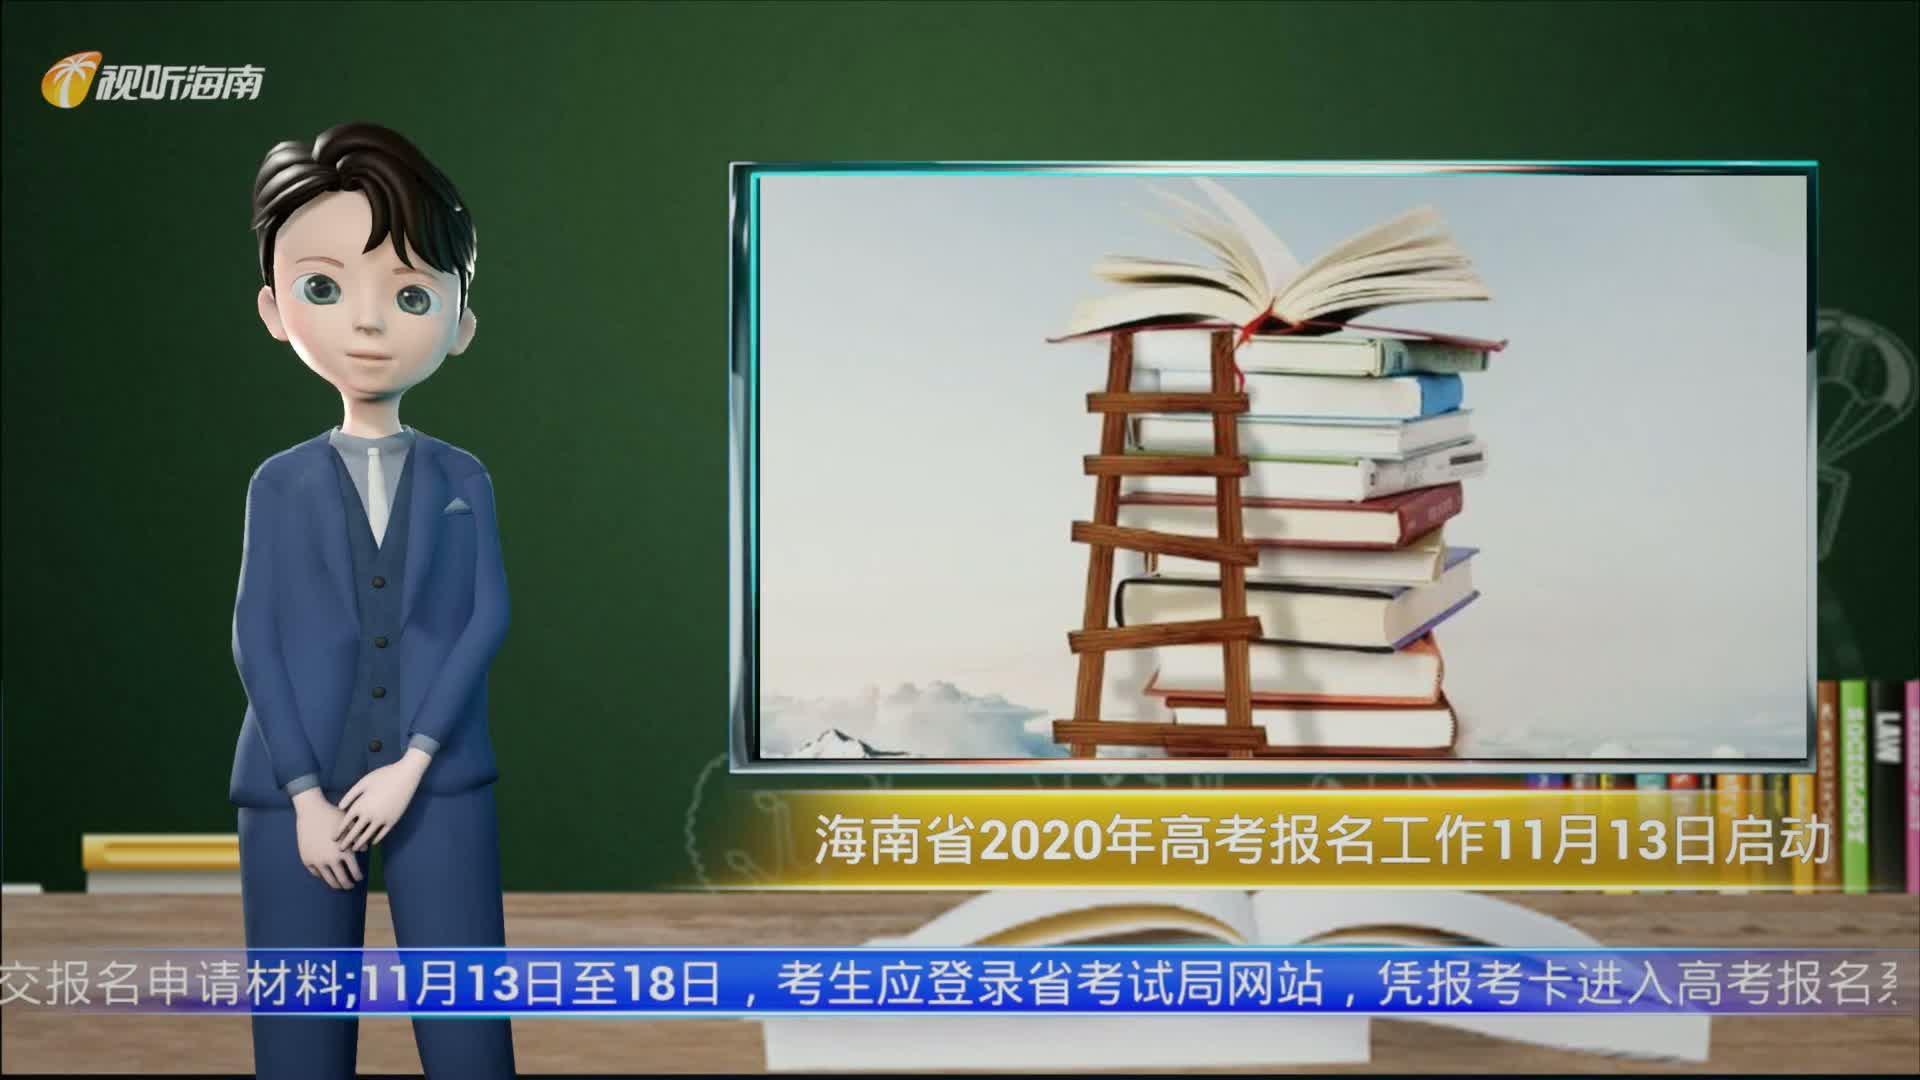 AI播报|考生请注意!海南省2020年高考报名工作11月13日启动